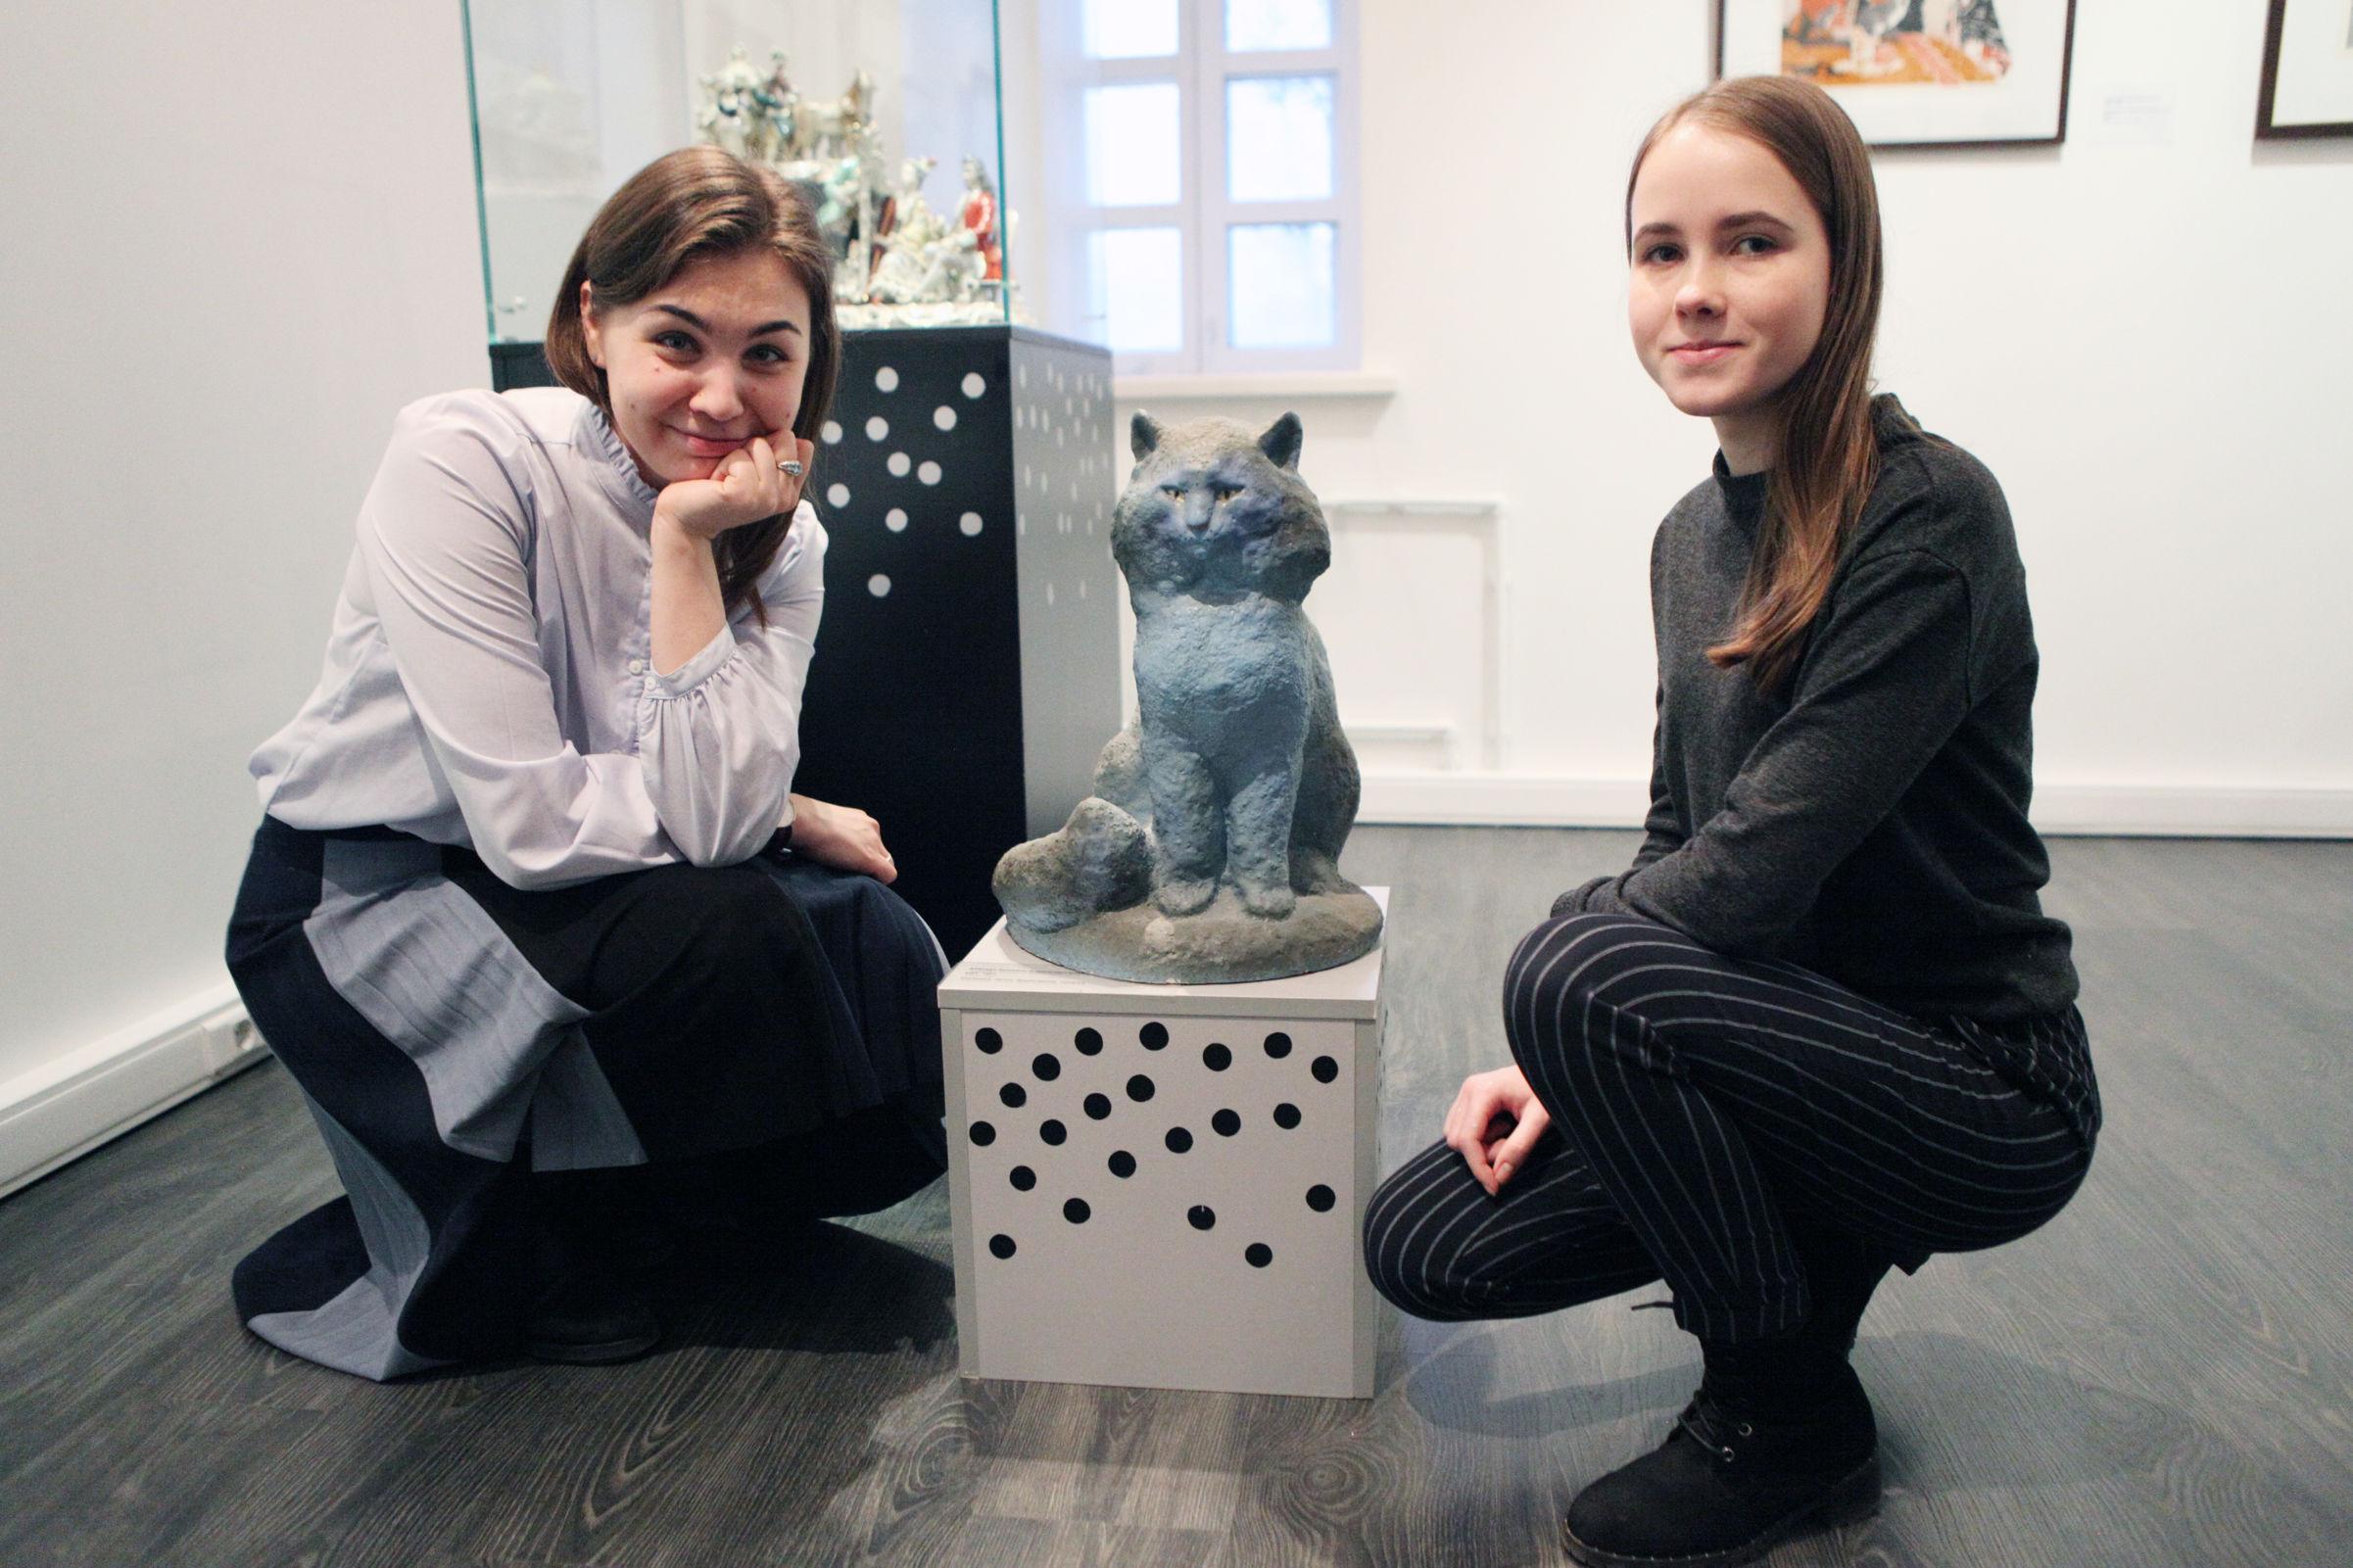 «Гуляй, мышь, пока кот спит». Ярославский музей представил экспозицию, посвященную символу года